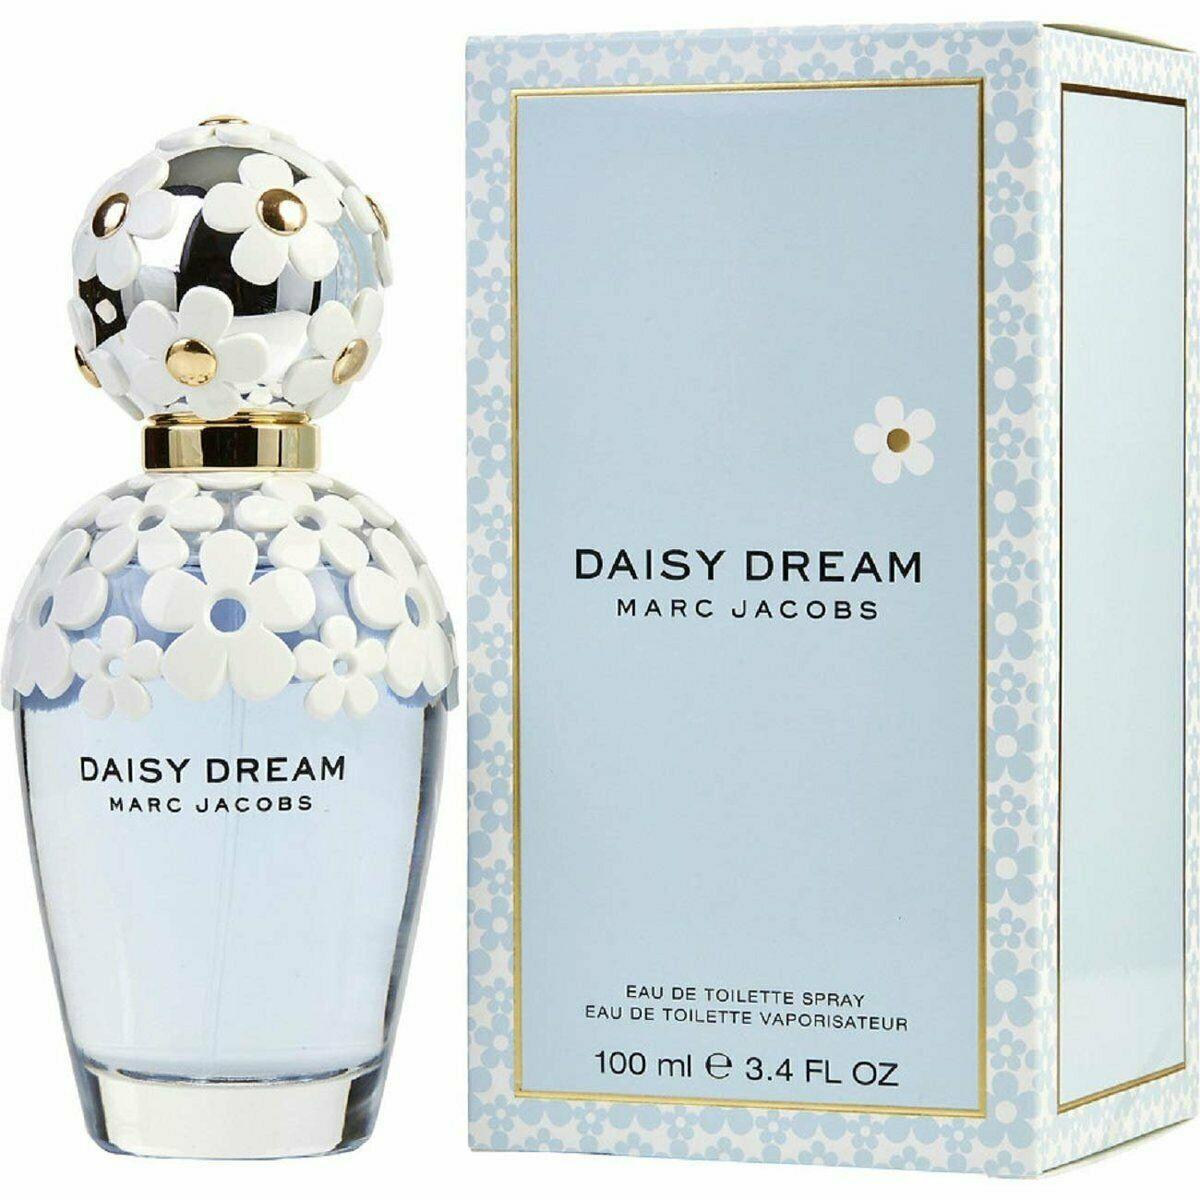 Daisy Dream Edt 100 ml